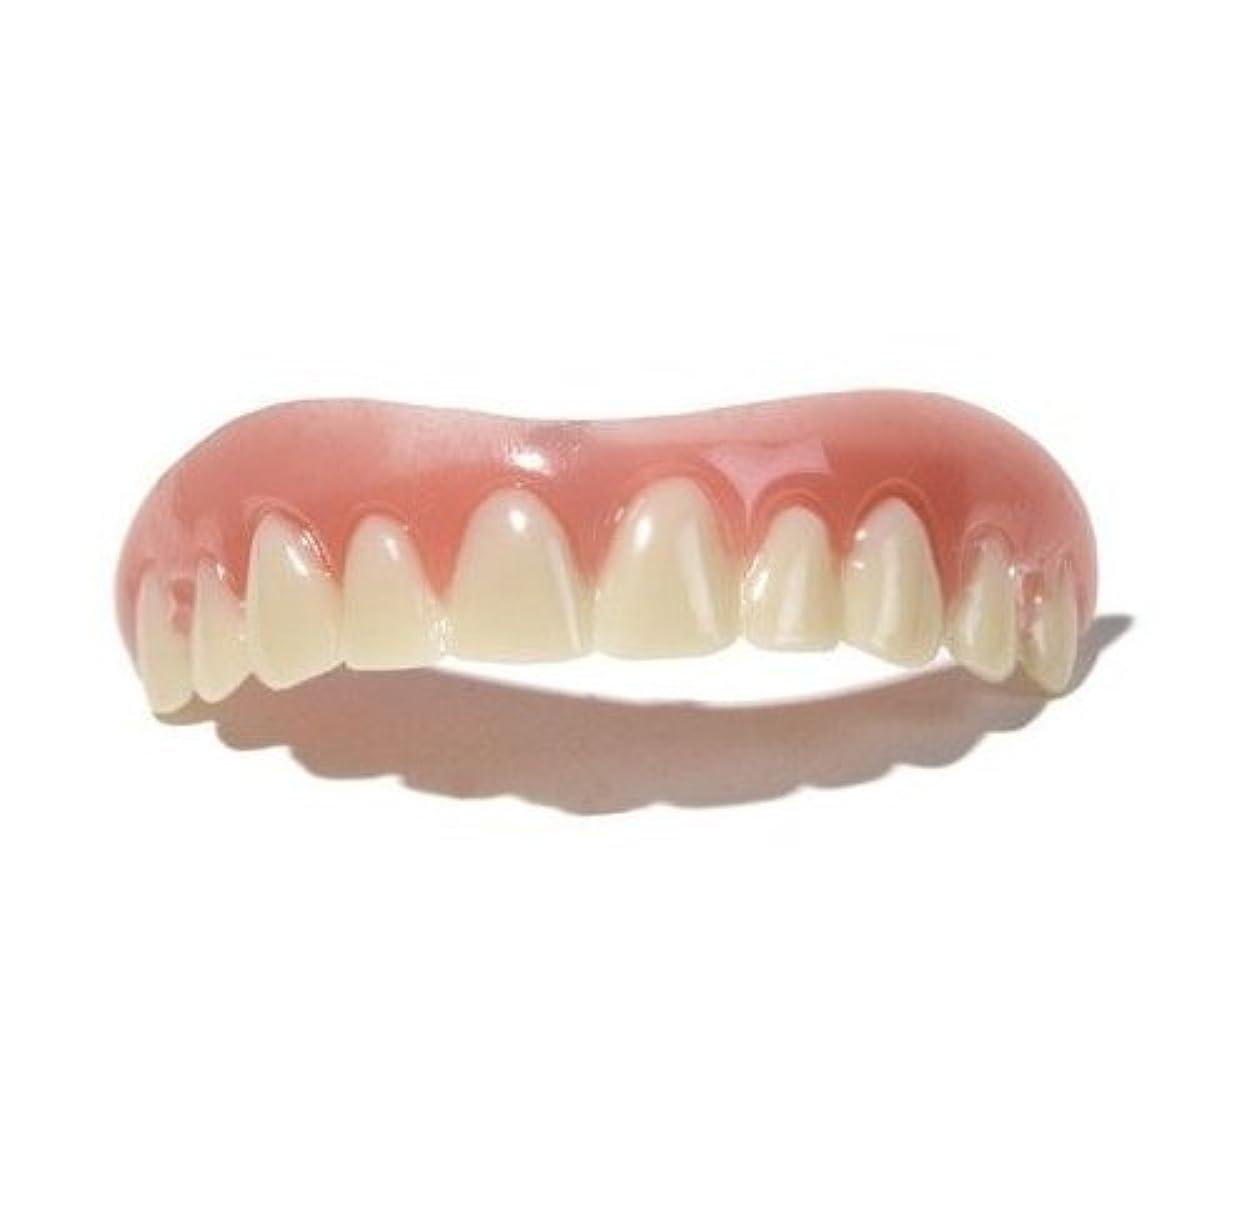 ソース受け継ぐ広範囲インスタント 美容 つけ歯 上歯(free size (Medium)) [並行輸入品]